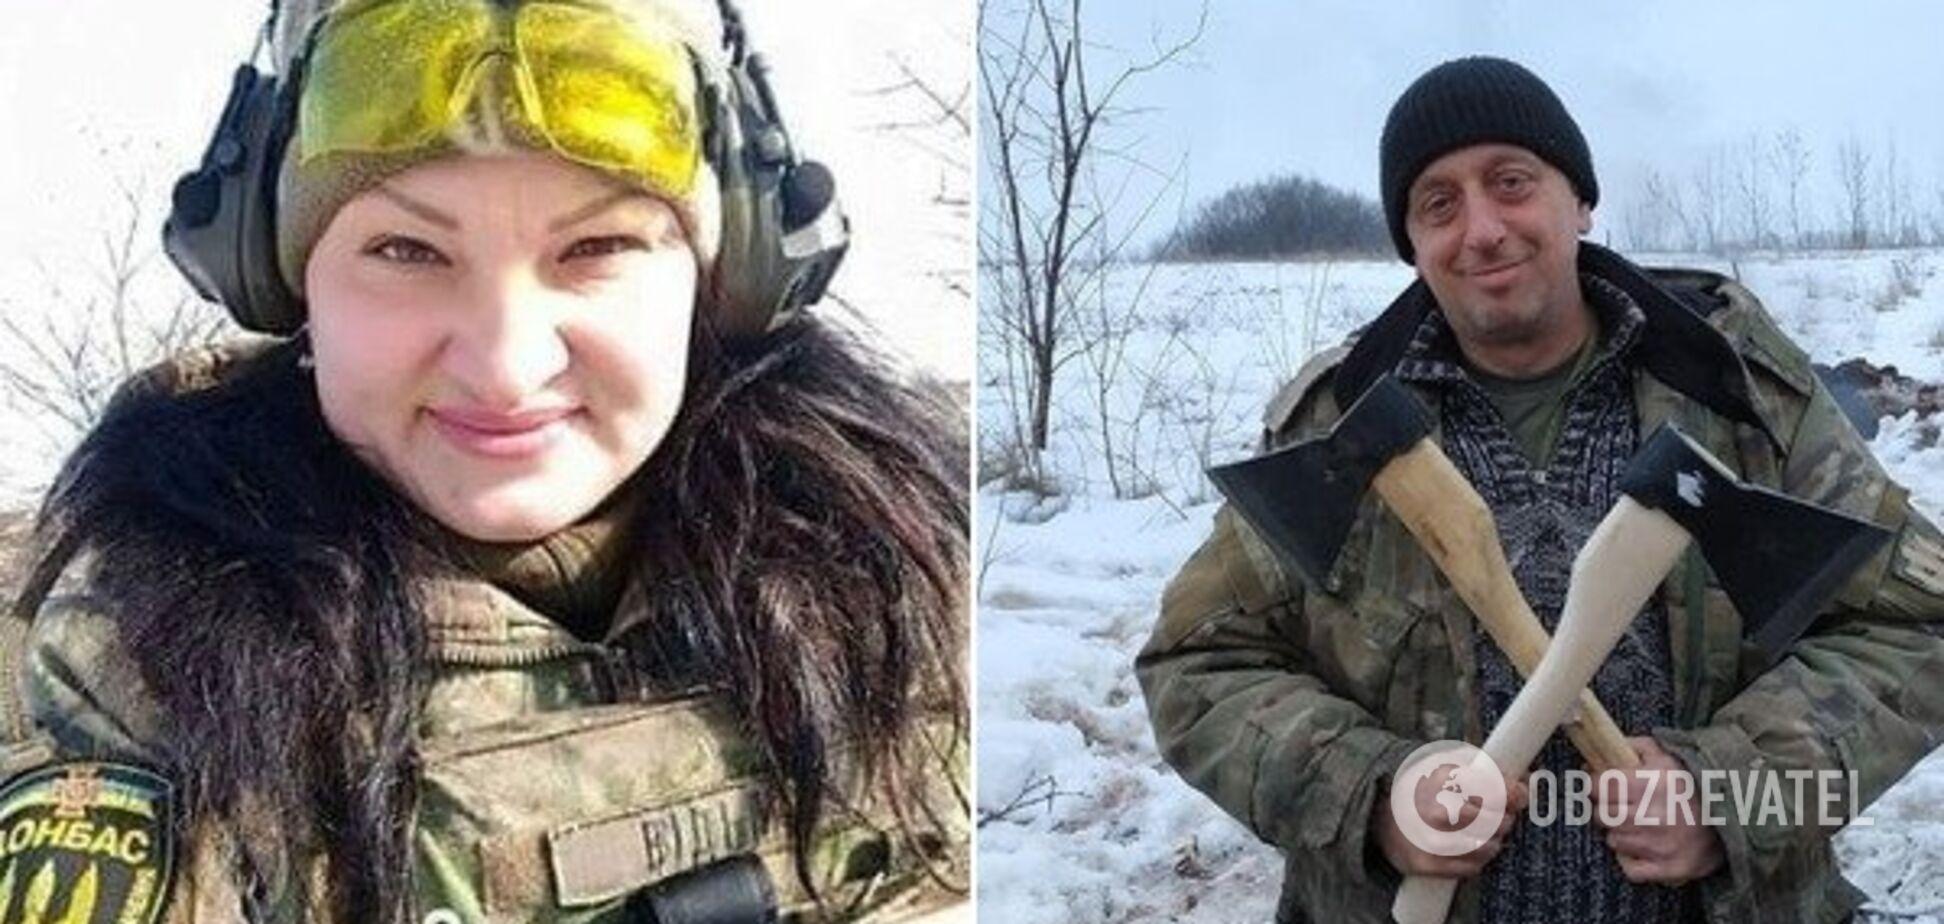 Трое убитых, восемь раненых: бойцы ОС мощно отомстили за товарищей. Все подробности боев